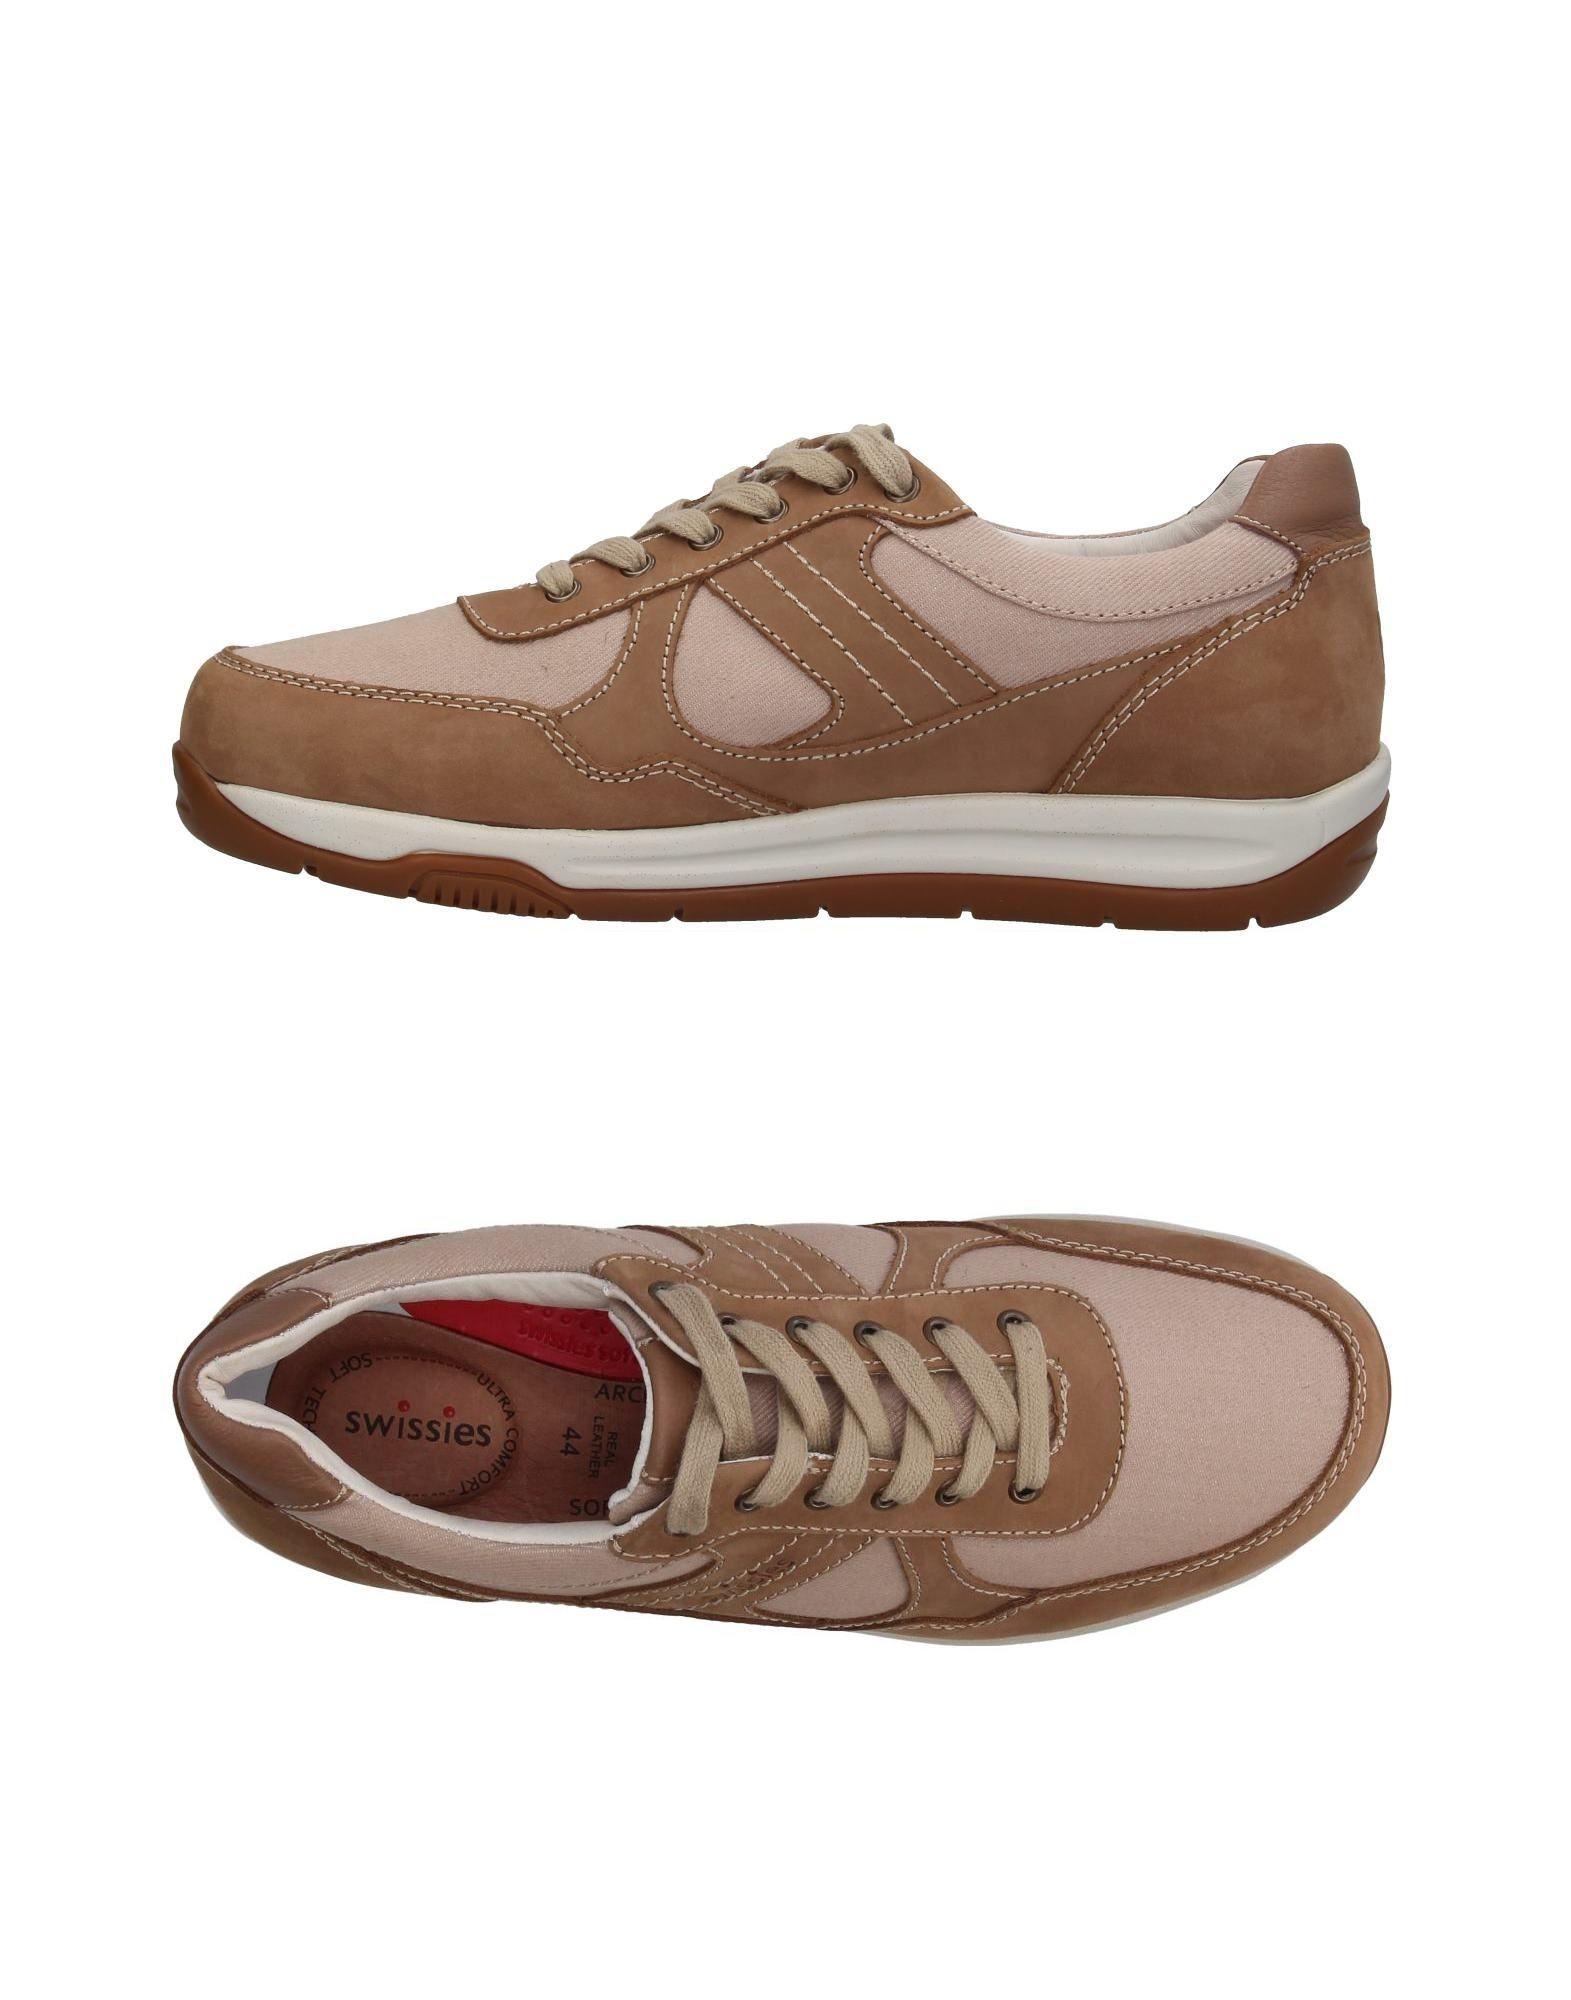 Rabatt echte Schuhe Swissies Sneakers Herren  11396365NL